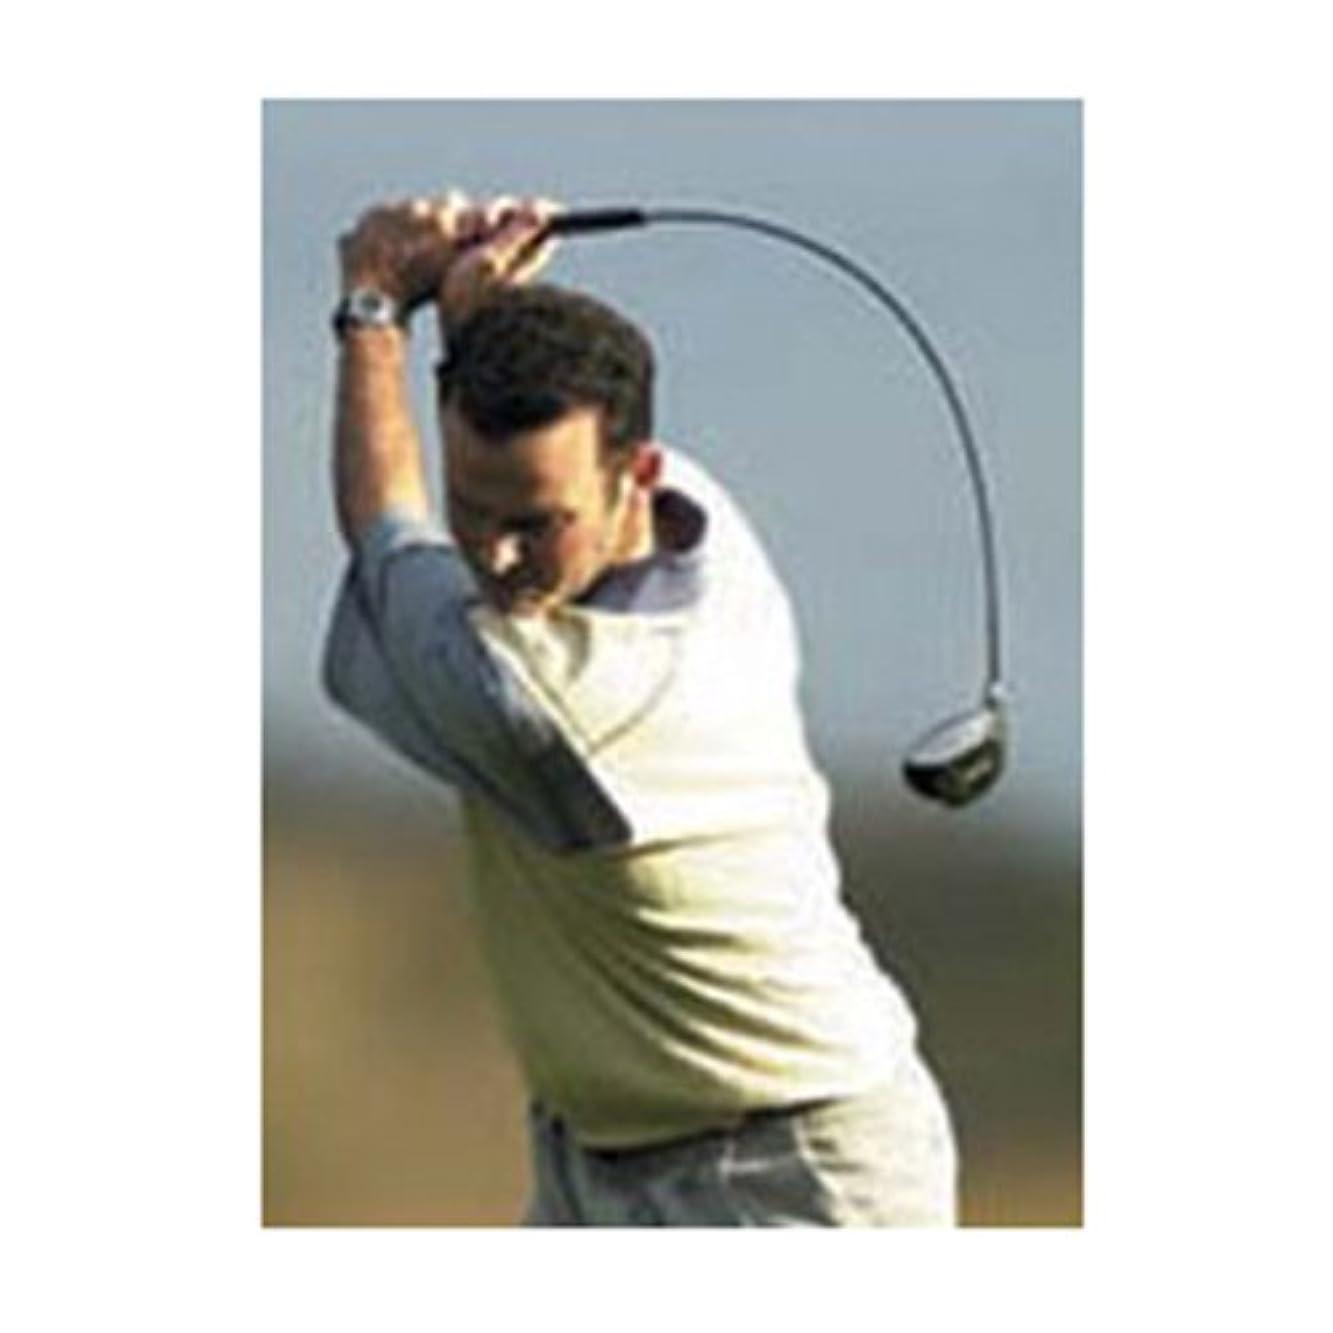 撃退する階段十二テンポマスター/230㏄/ドライバー/練習用ゴルフスイングトレーナー